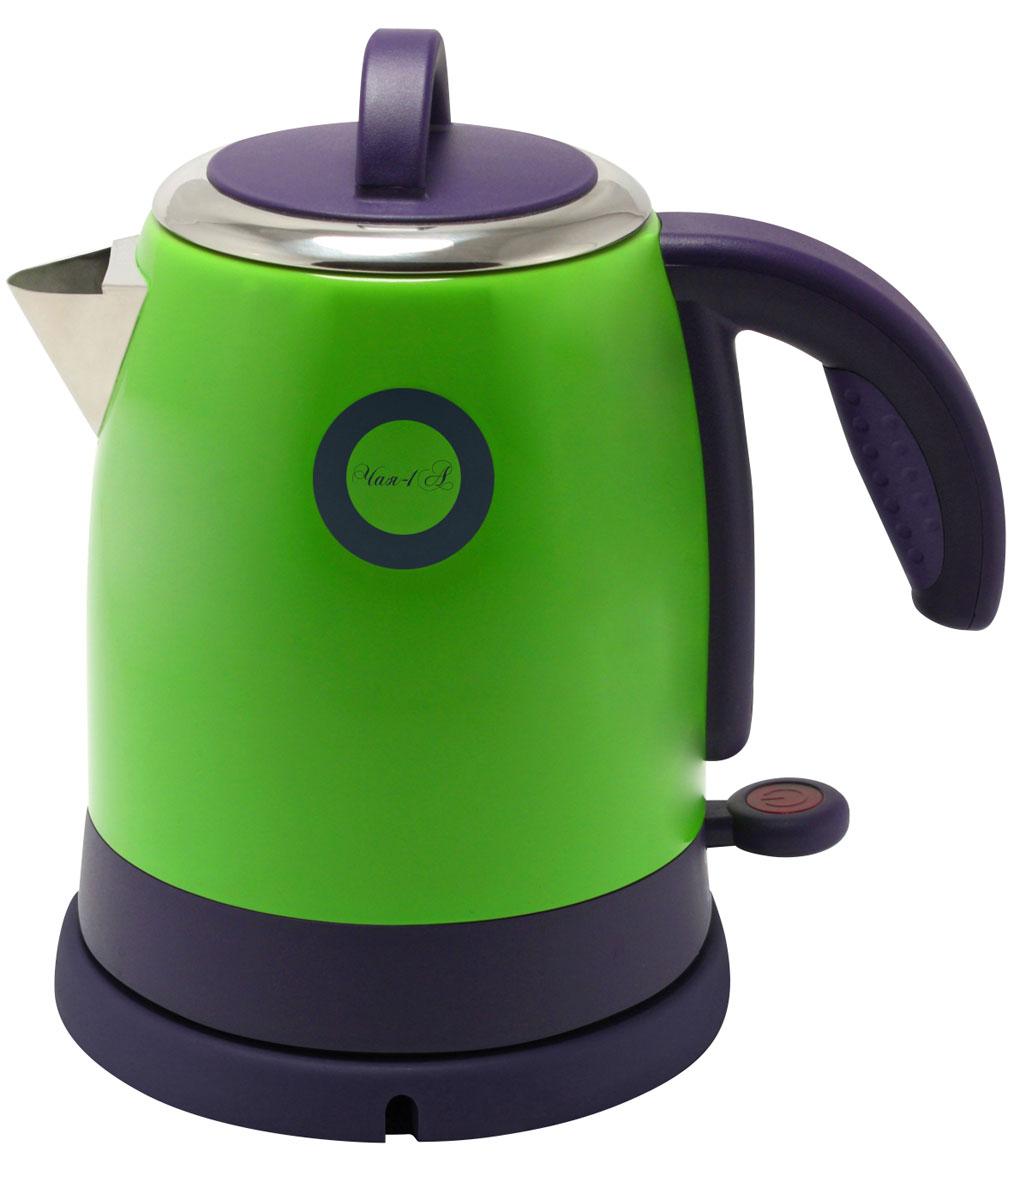 Великие Реки Чая-1А, Green электрический чайник великие реки чая 5а grey purple электрический чайник